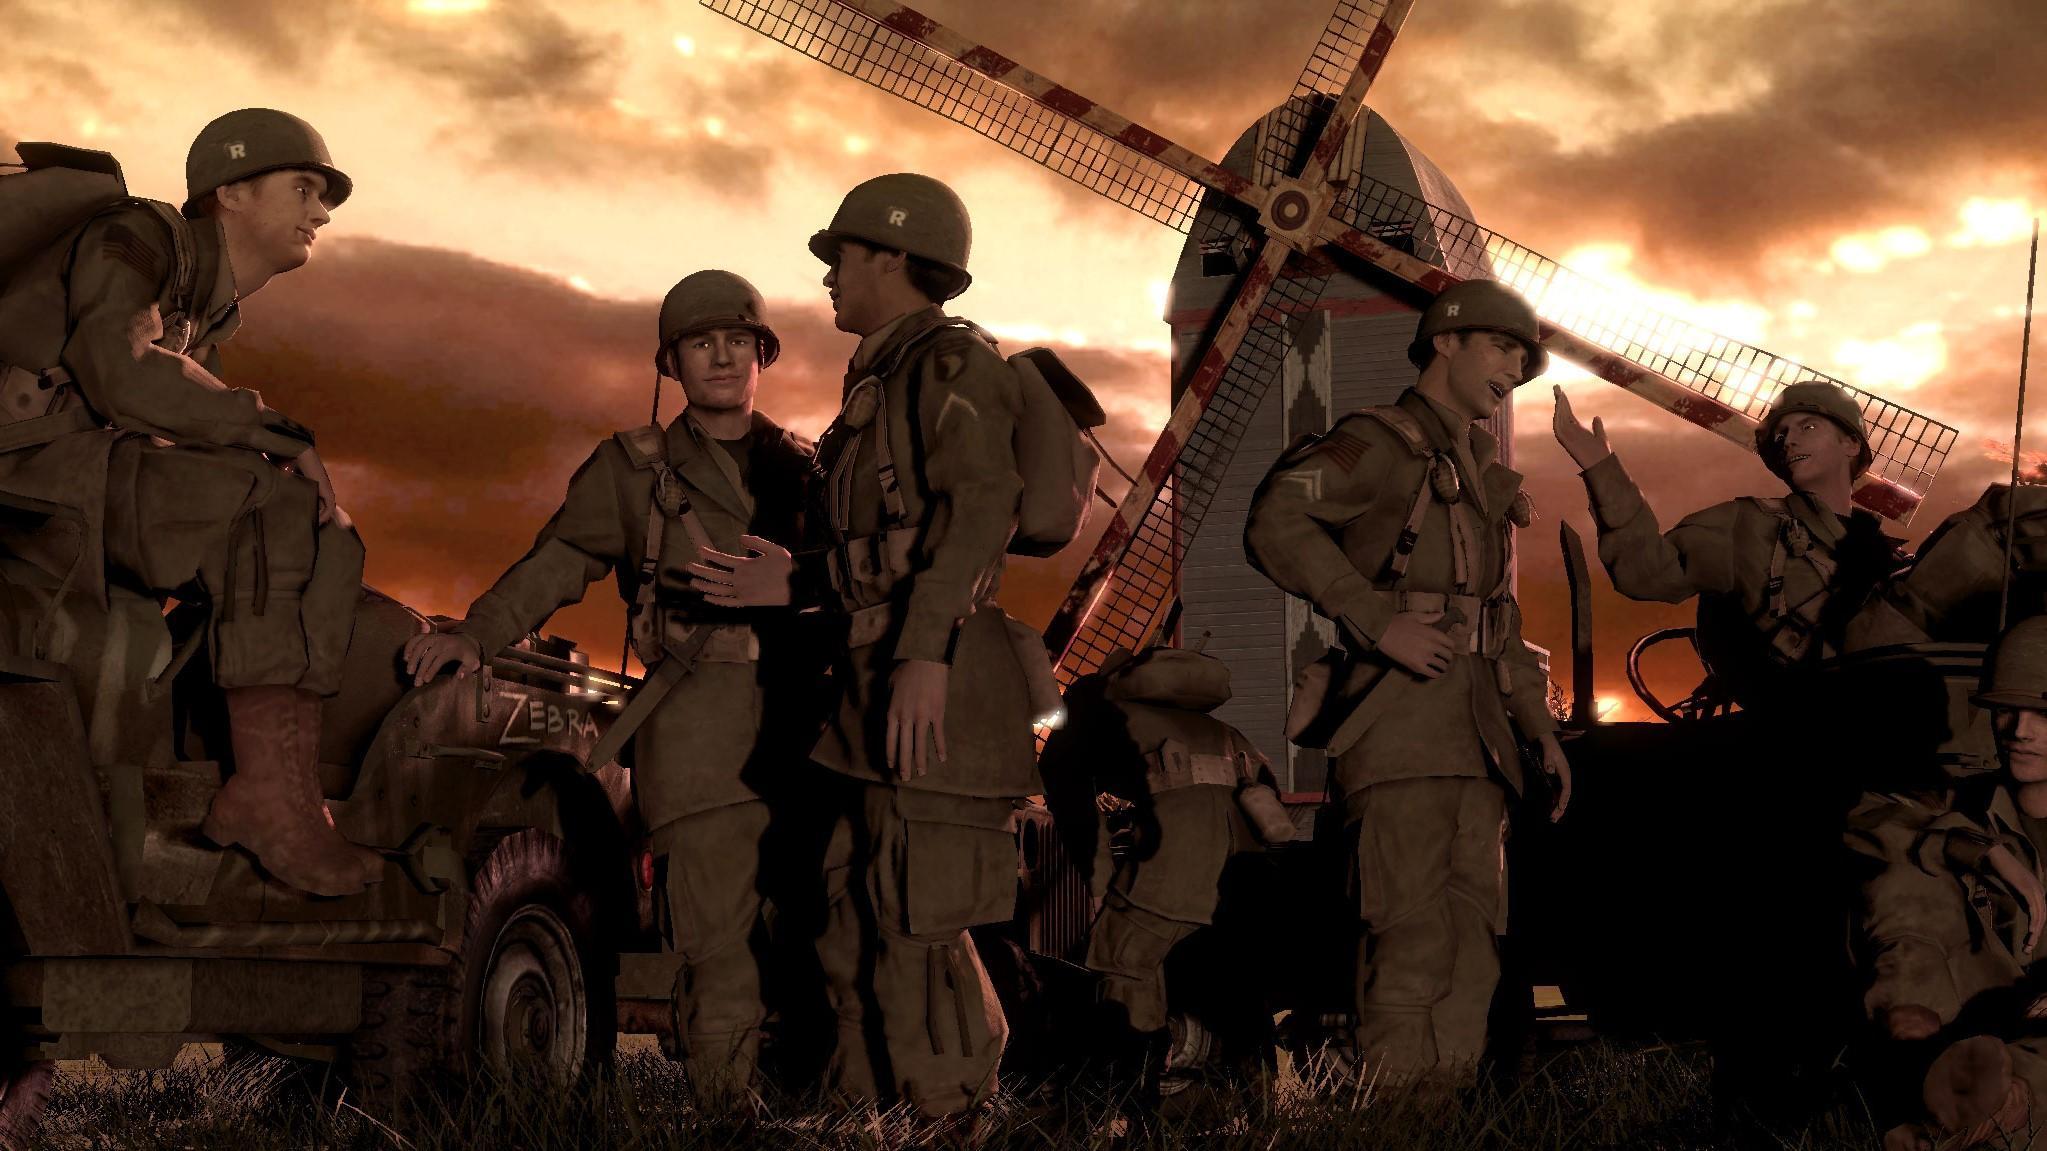 Έρχεται νέο παιχνίδι στη σειρά Brothers in Arms